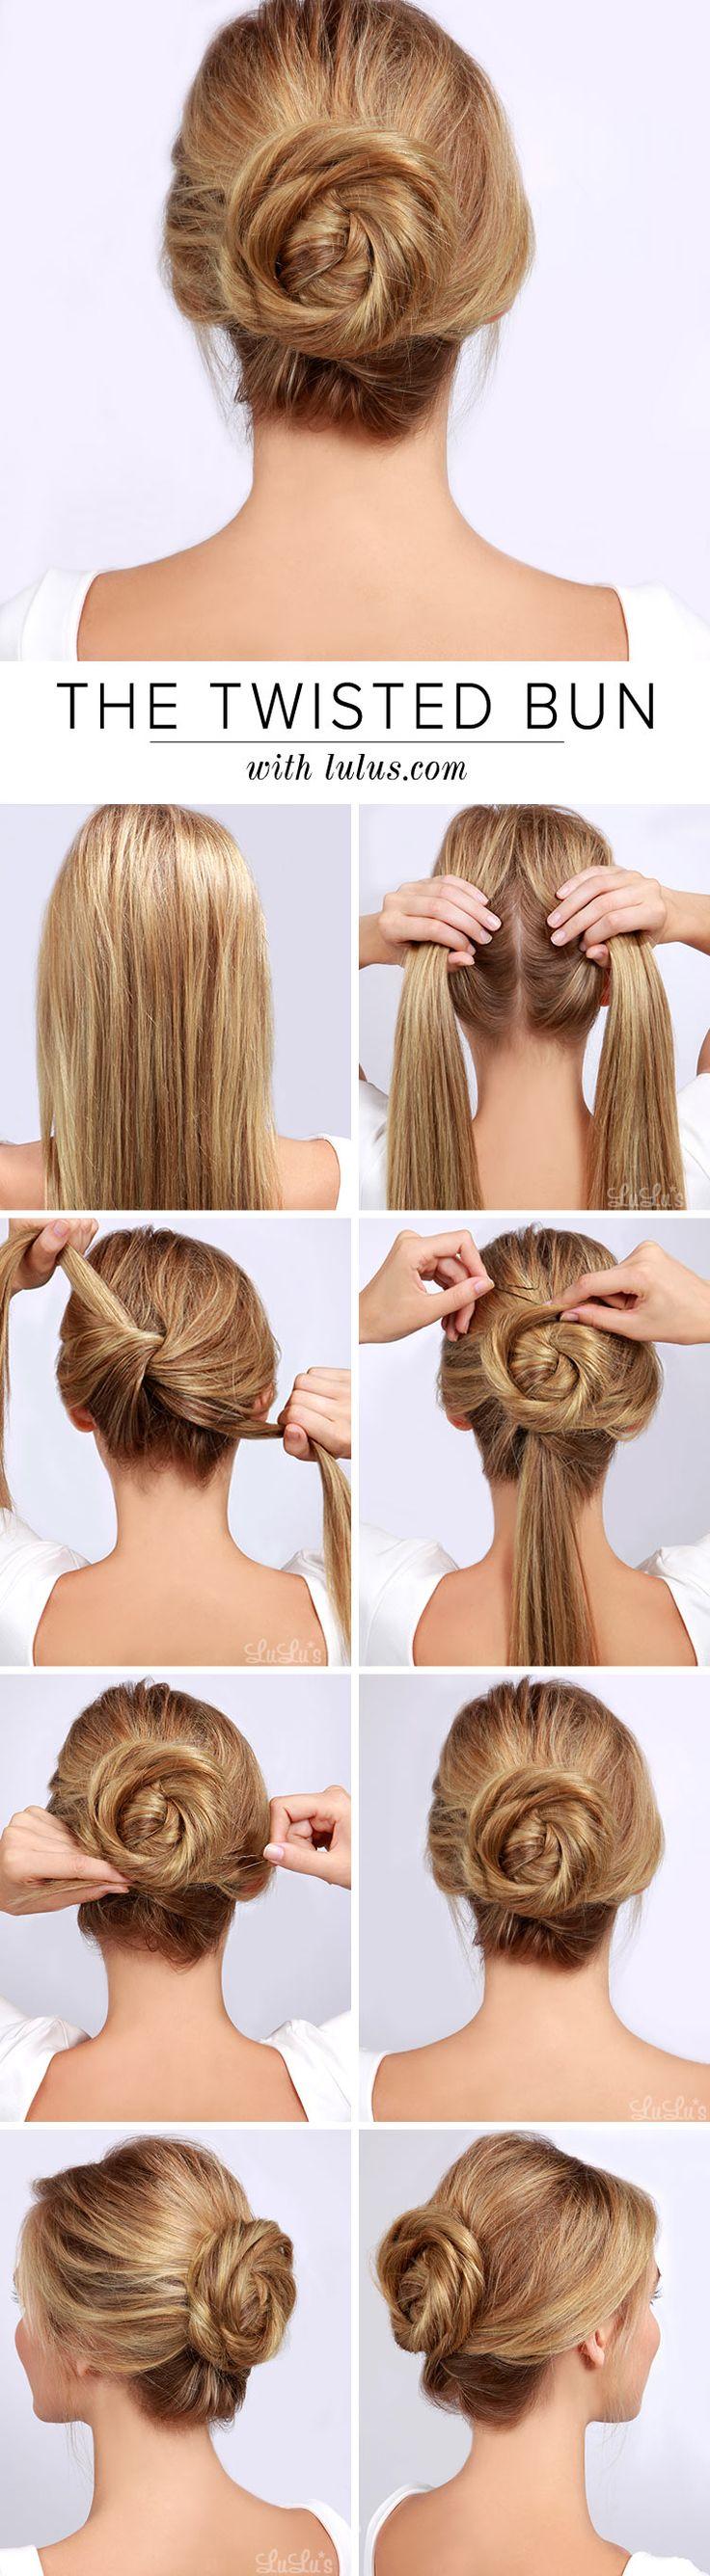 Twised Bun Hairstyle Tutorial